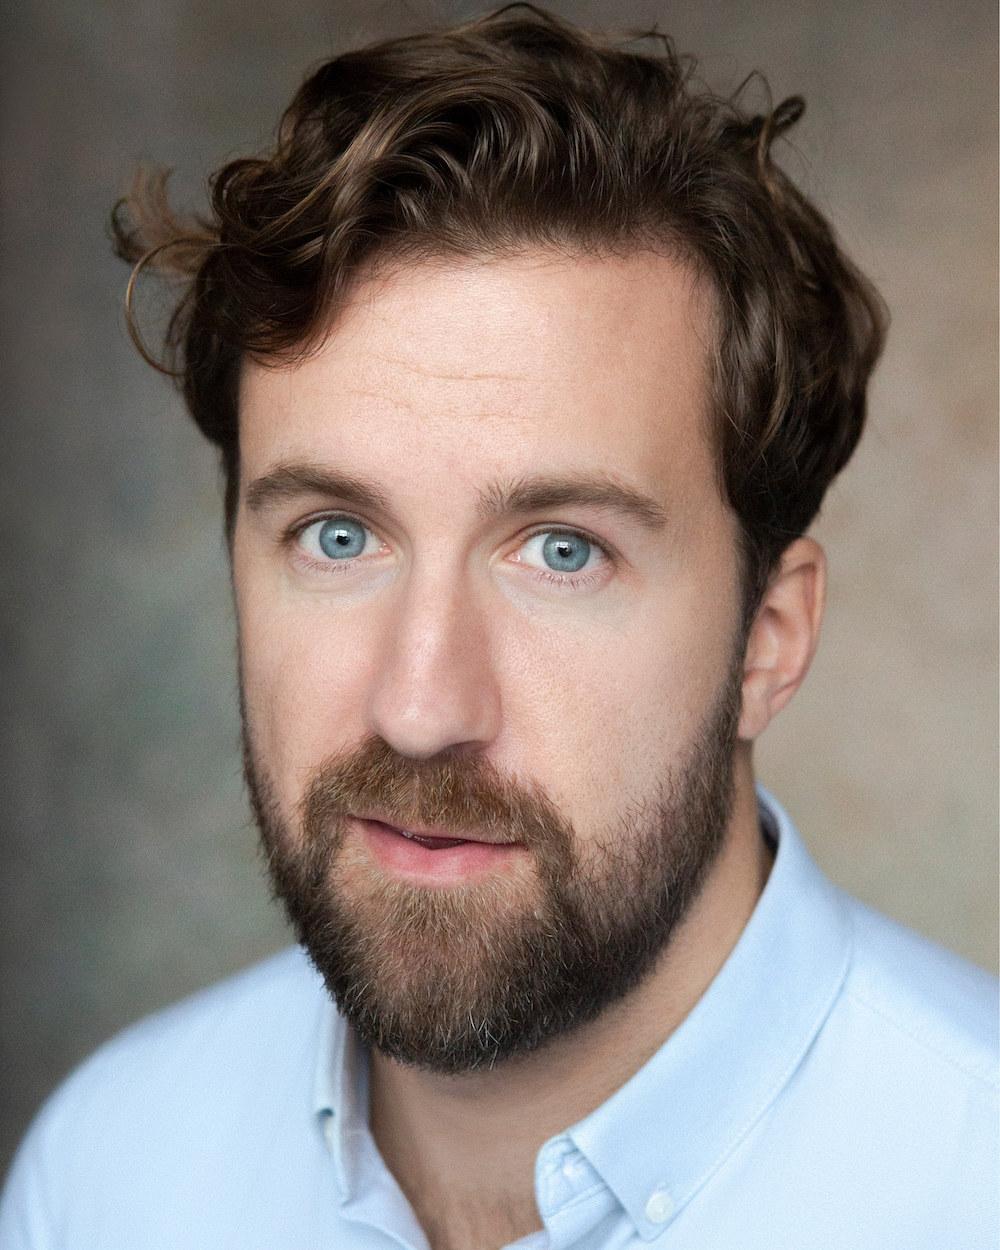 Duncan Leighton